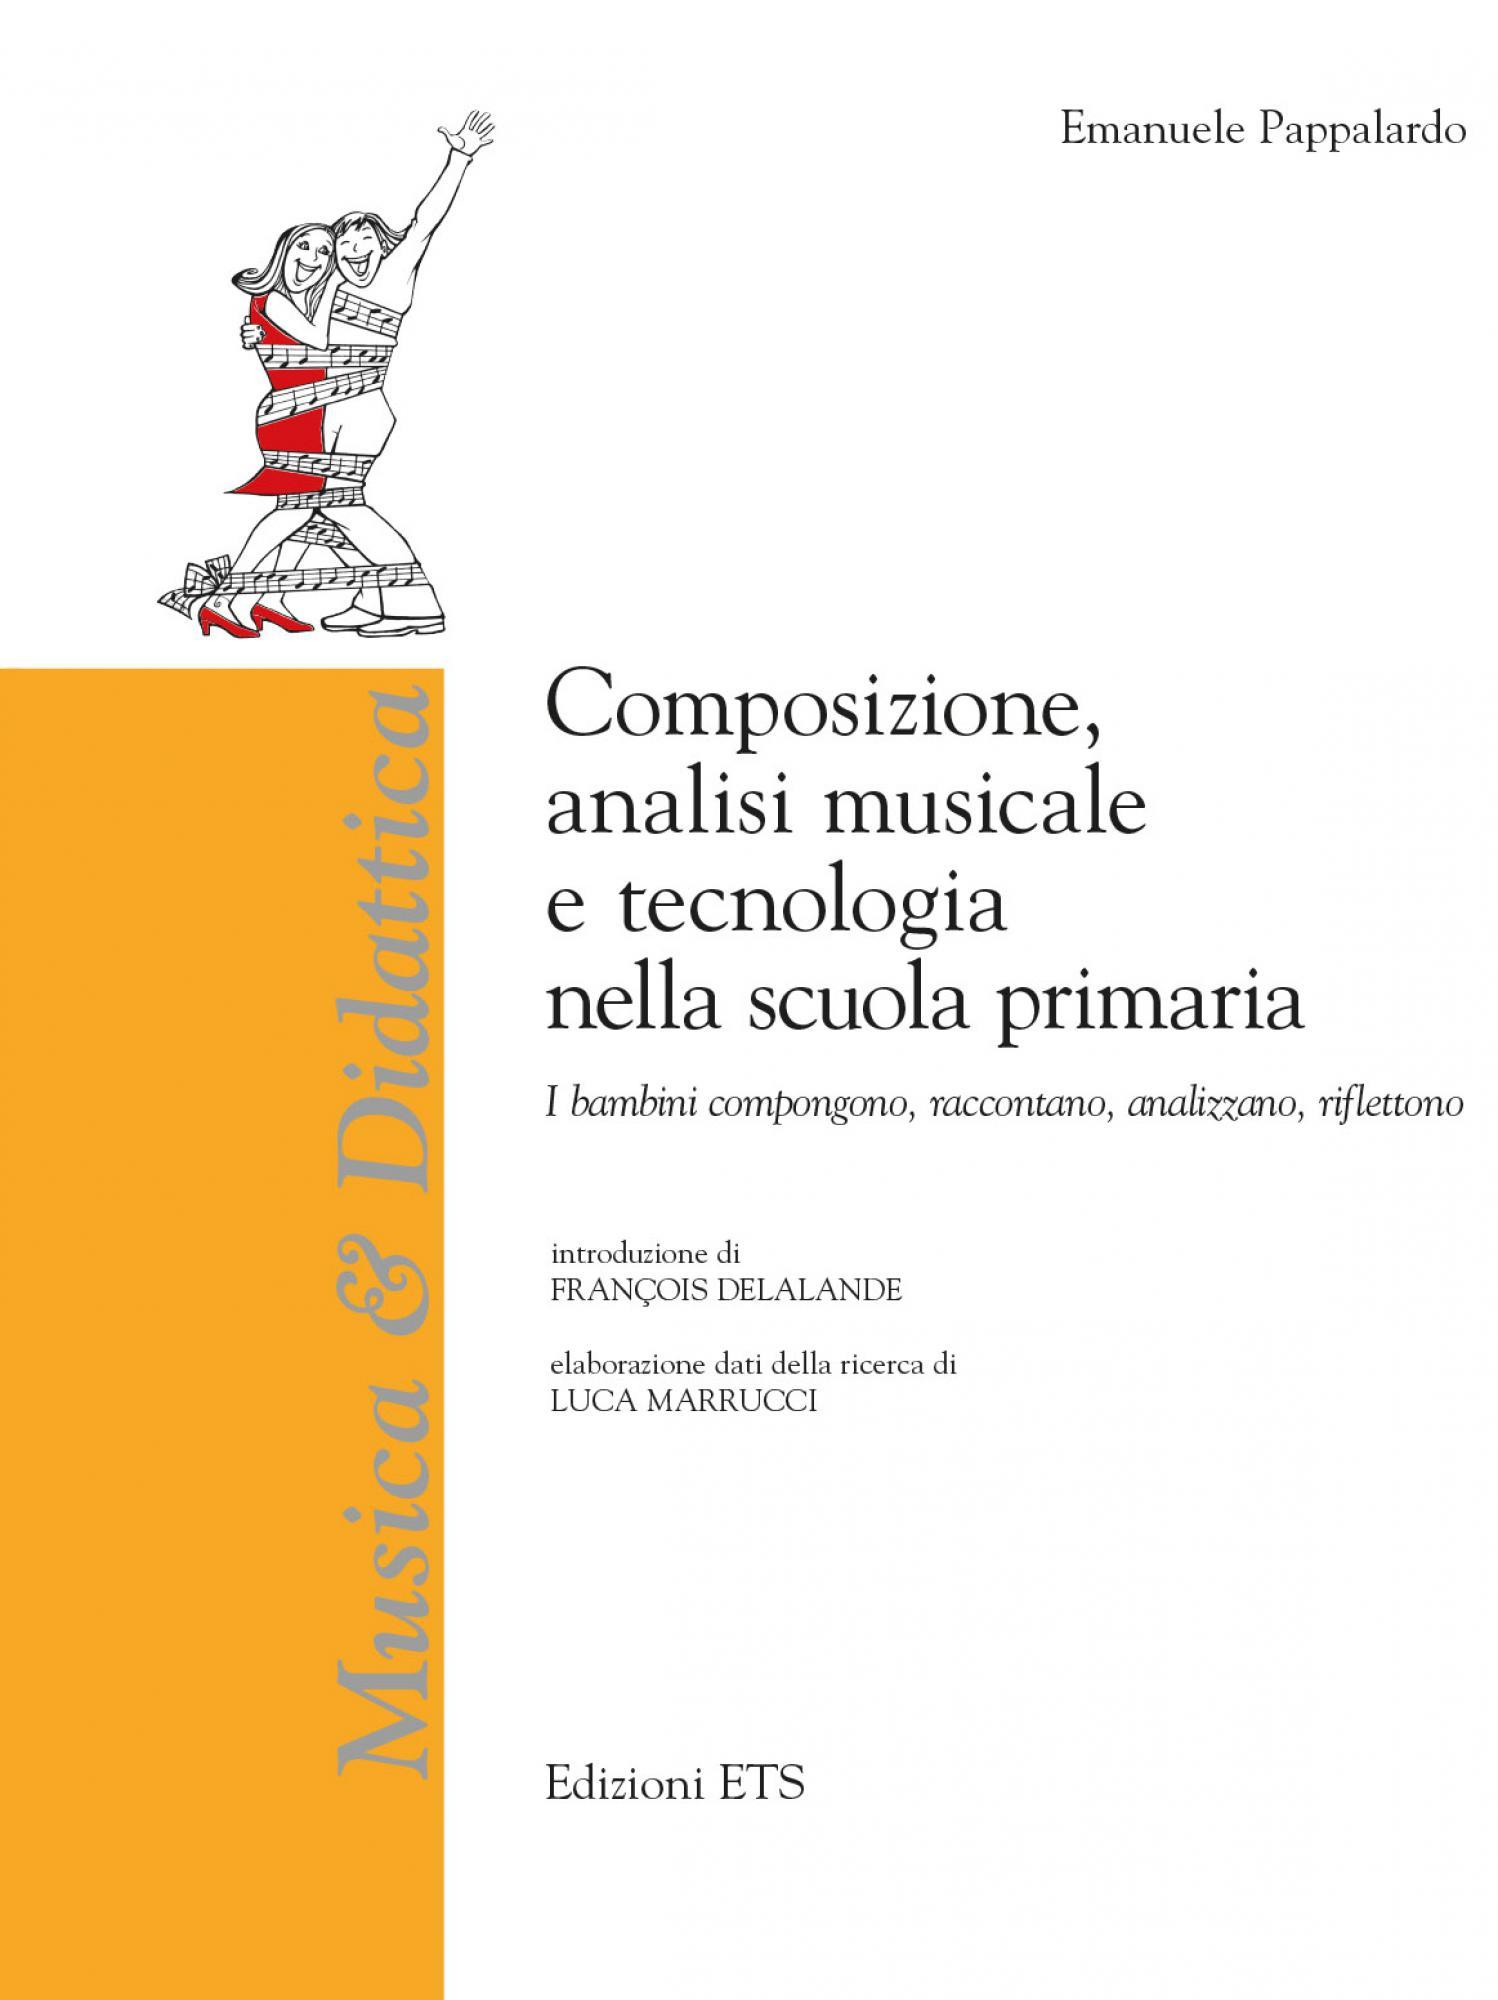 Composizione analisi musicale e tecnologia nella scuola primaria